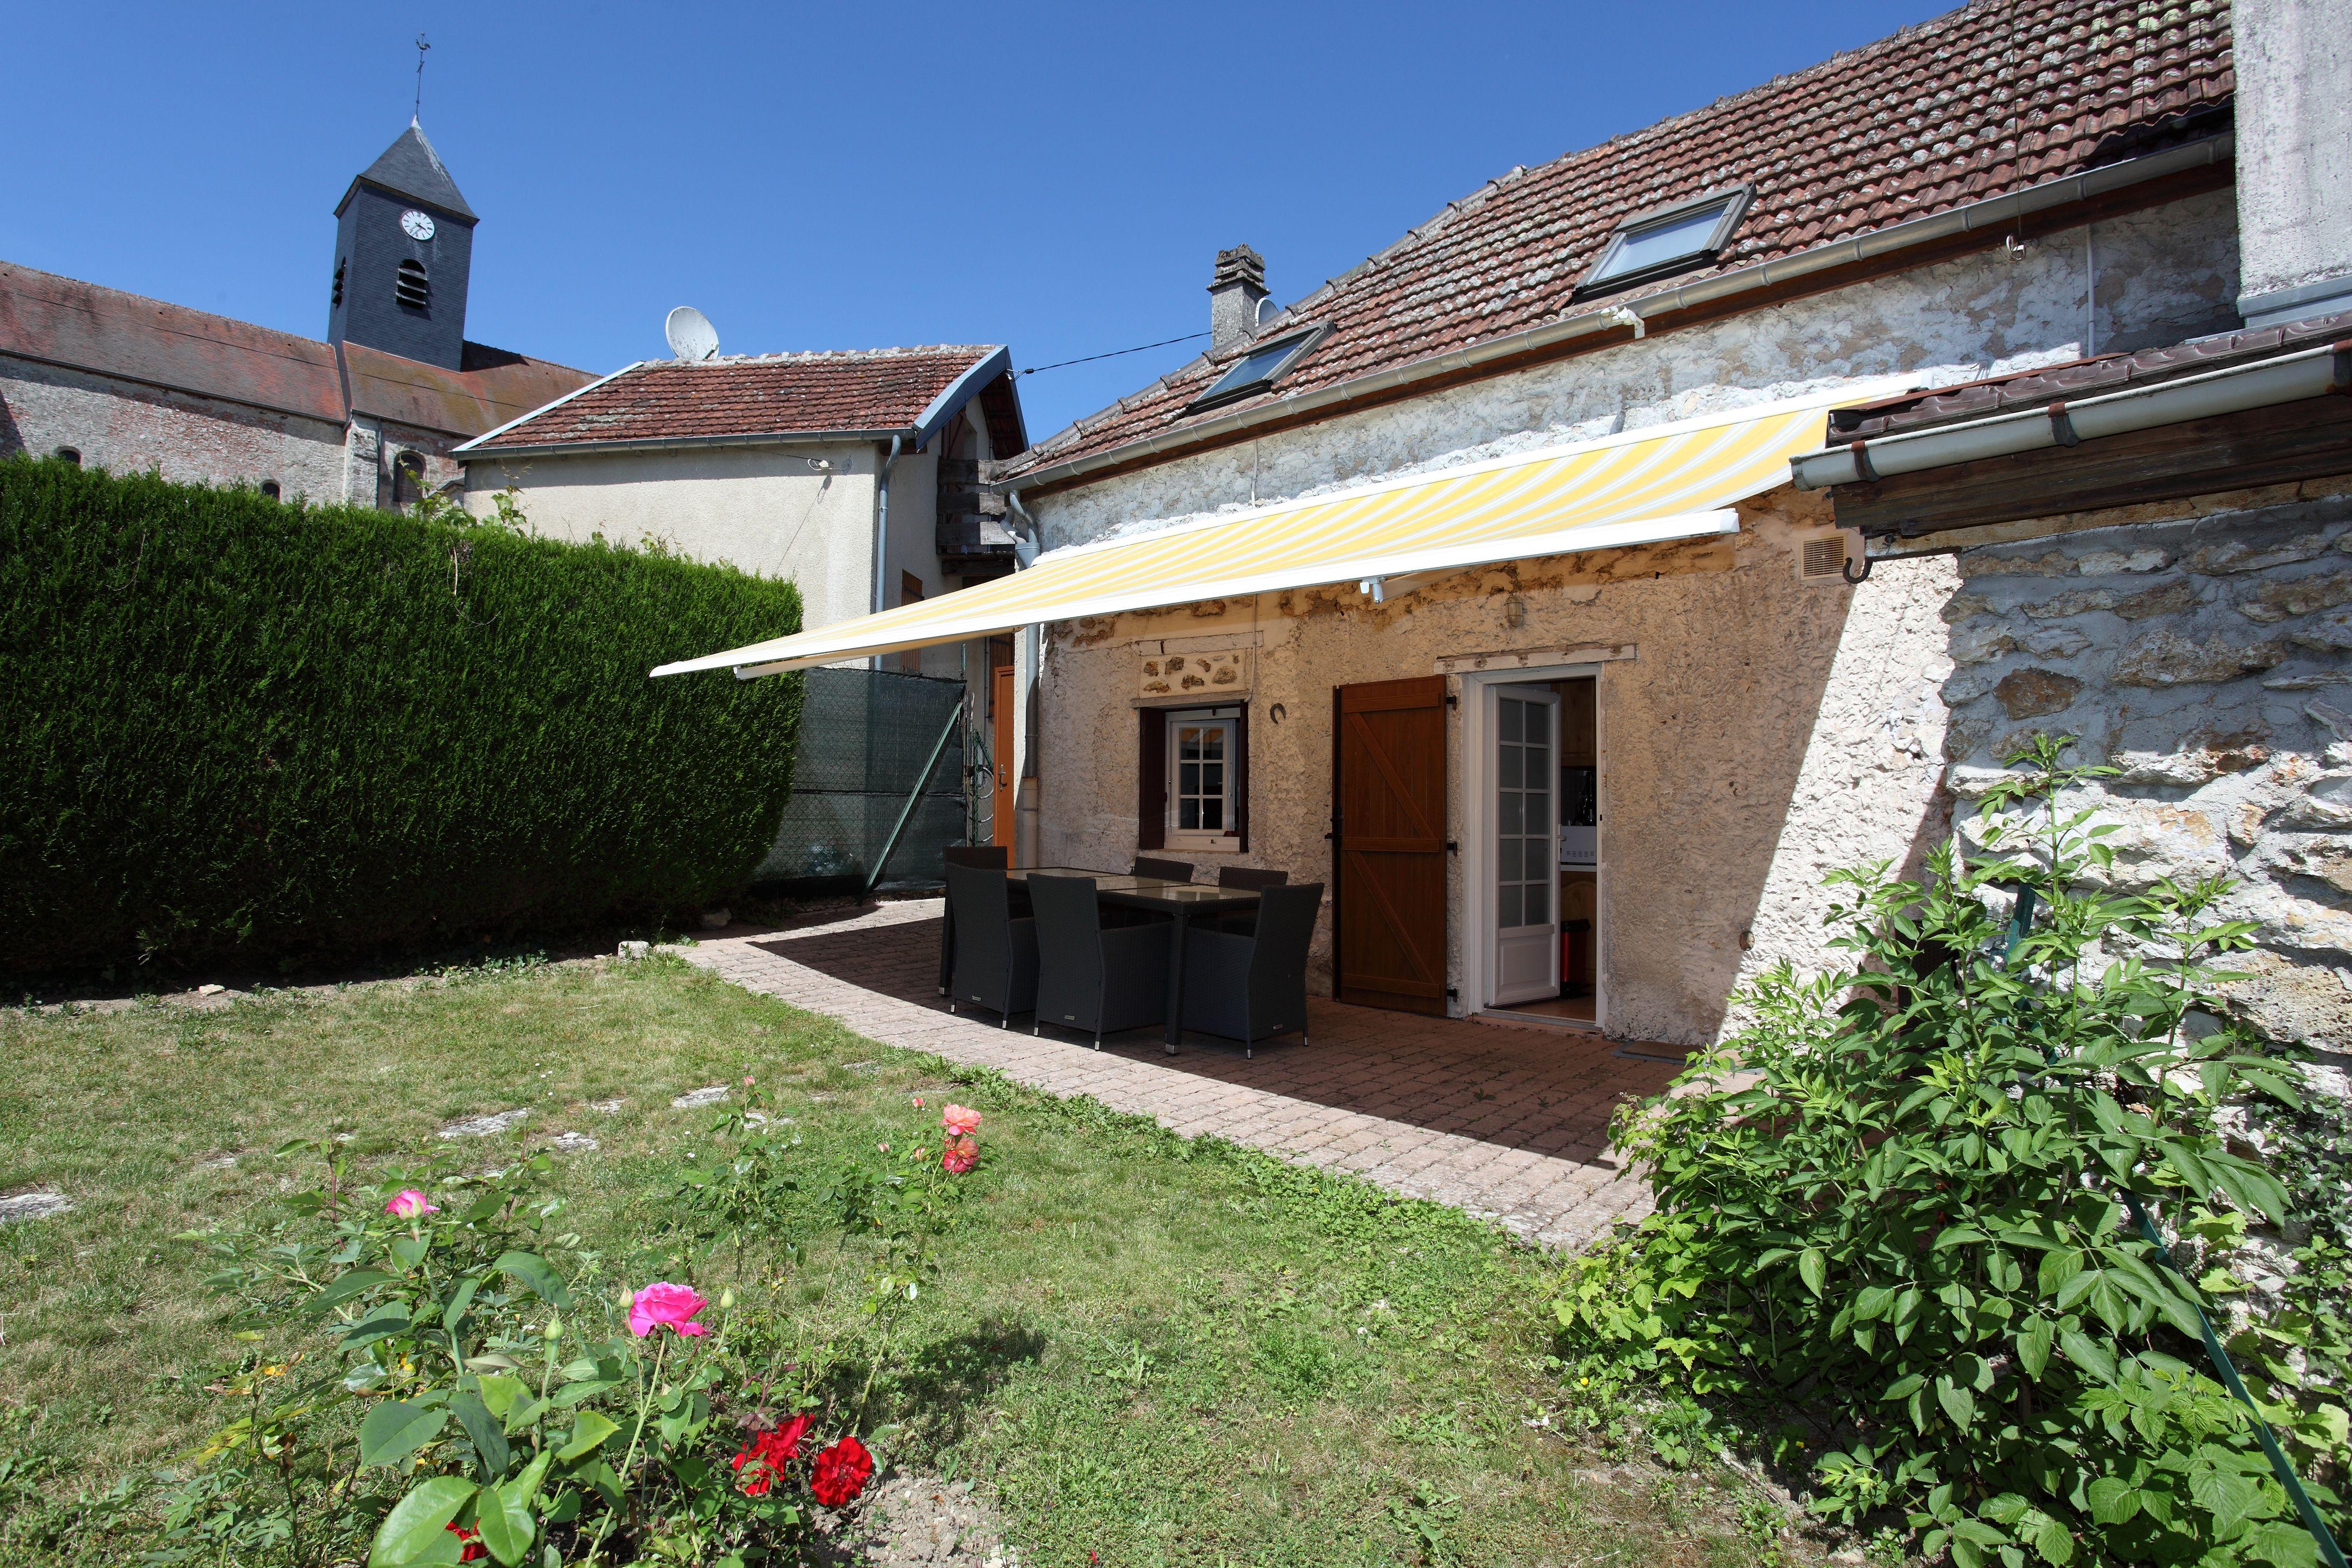 Extérieur - Jardin privatif  51G468 - Gîte du Parapet - Mareuil en Brie - Gîtes de France Marne